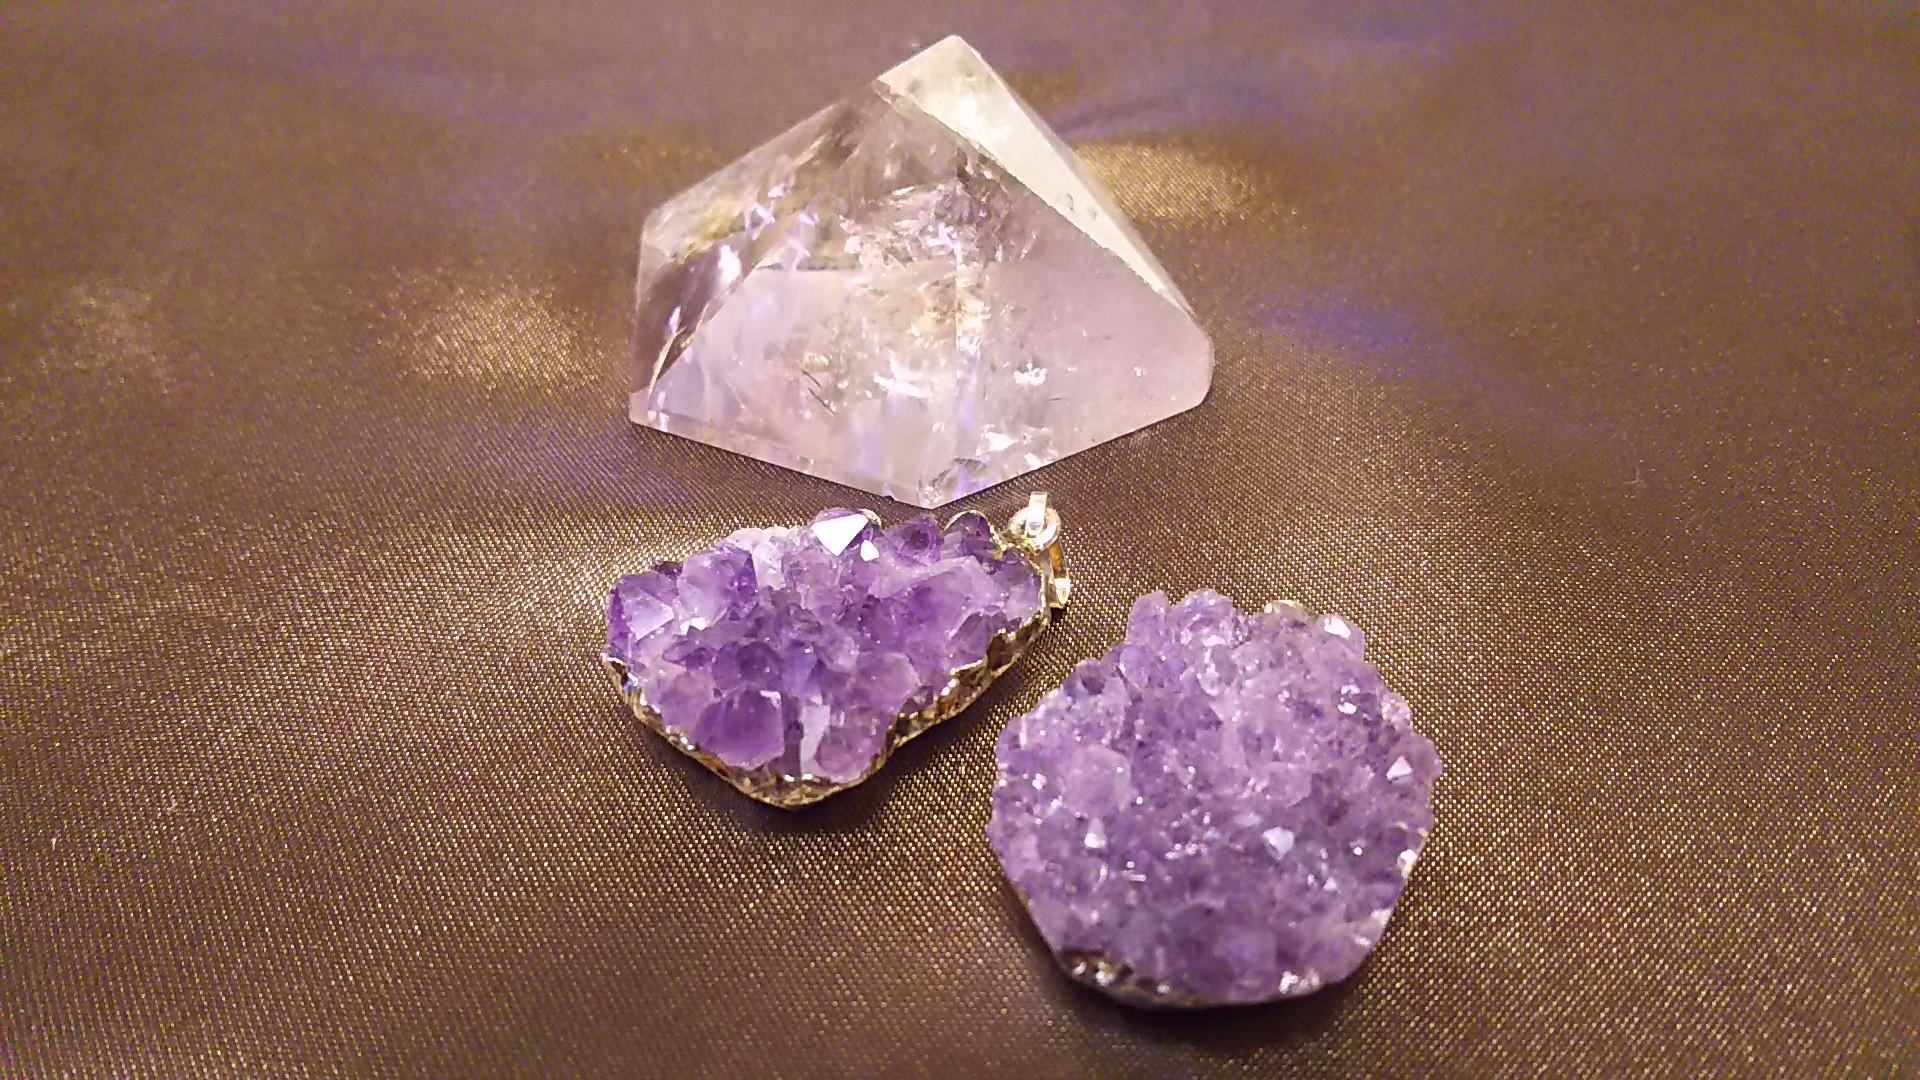 アメジスト【紫水晶】クラスターペンダントと六角すいです♪